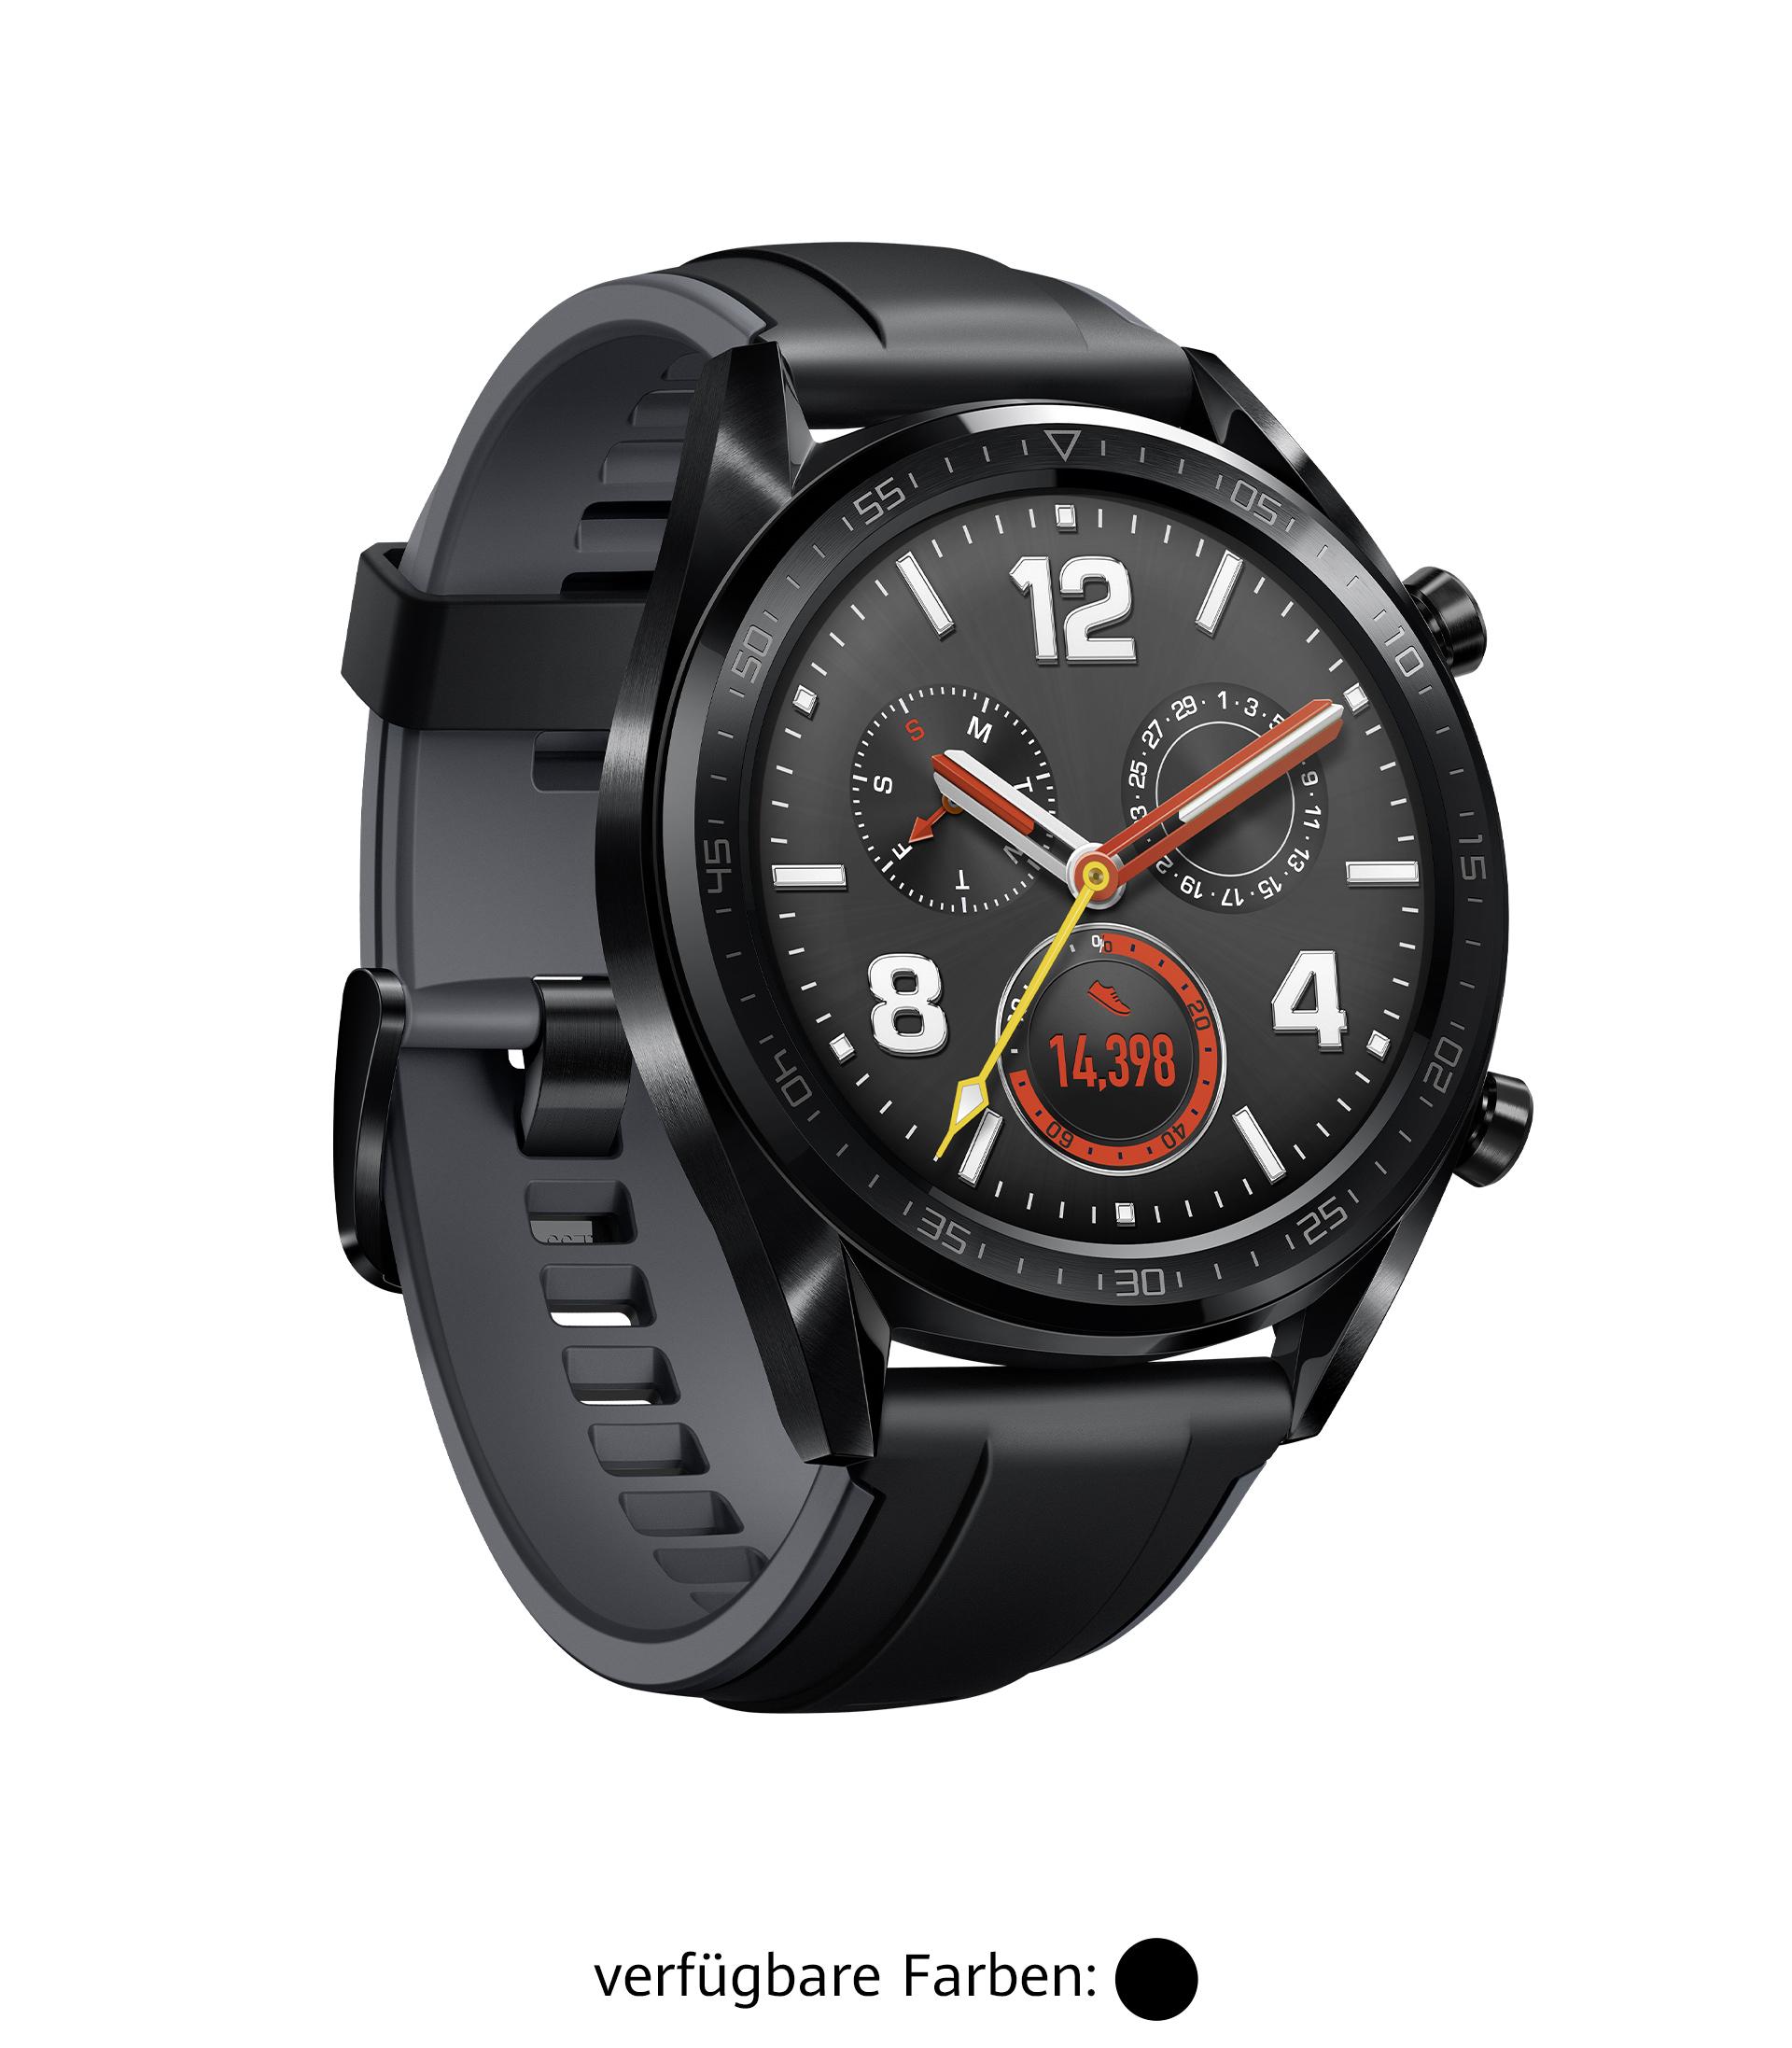 HUAWEI Watch GT in schwarz